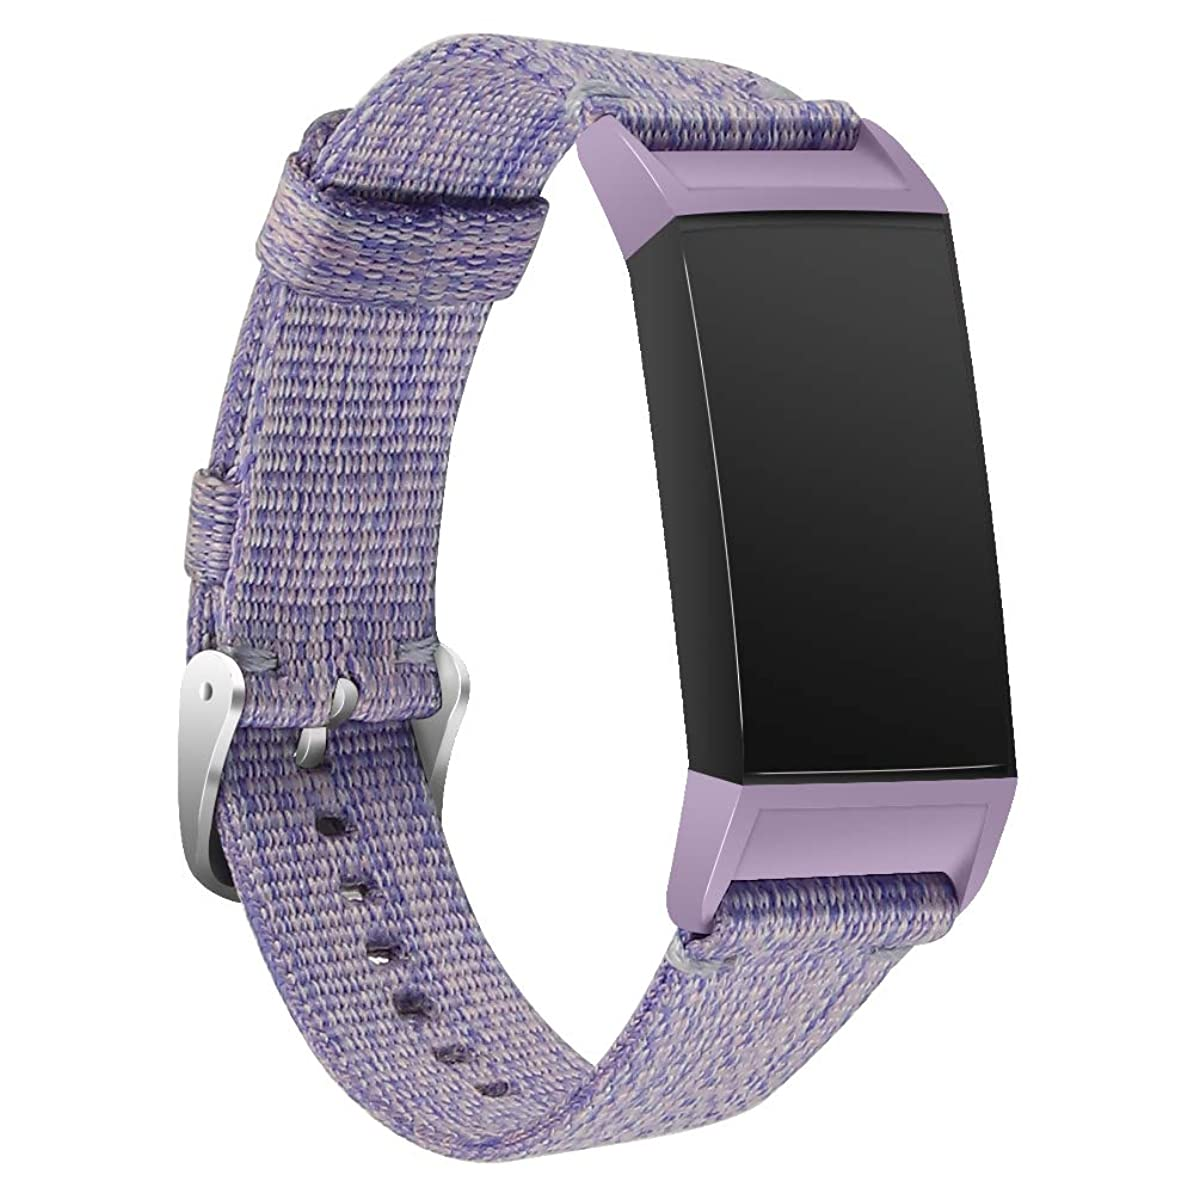 なかなか可能にする資源Arkgo for Fitbit Charge 3 バンド しいナイロン スポーツループバンド ストラップ交換バンド ウォッチ Fitbit Charge 3 対応 (パープル)